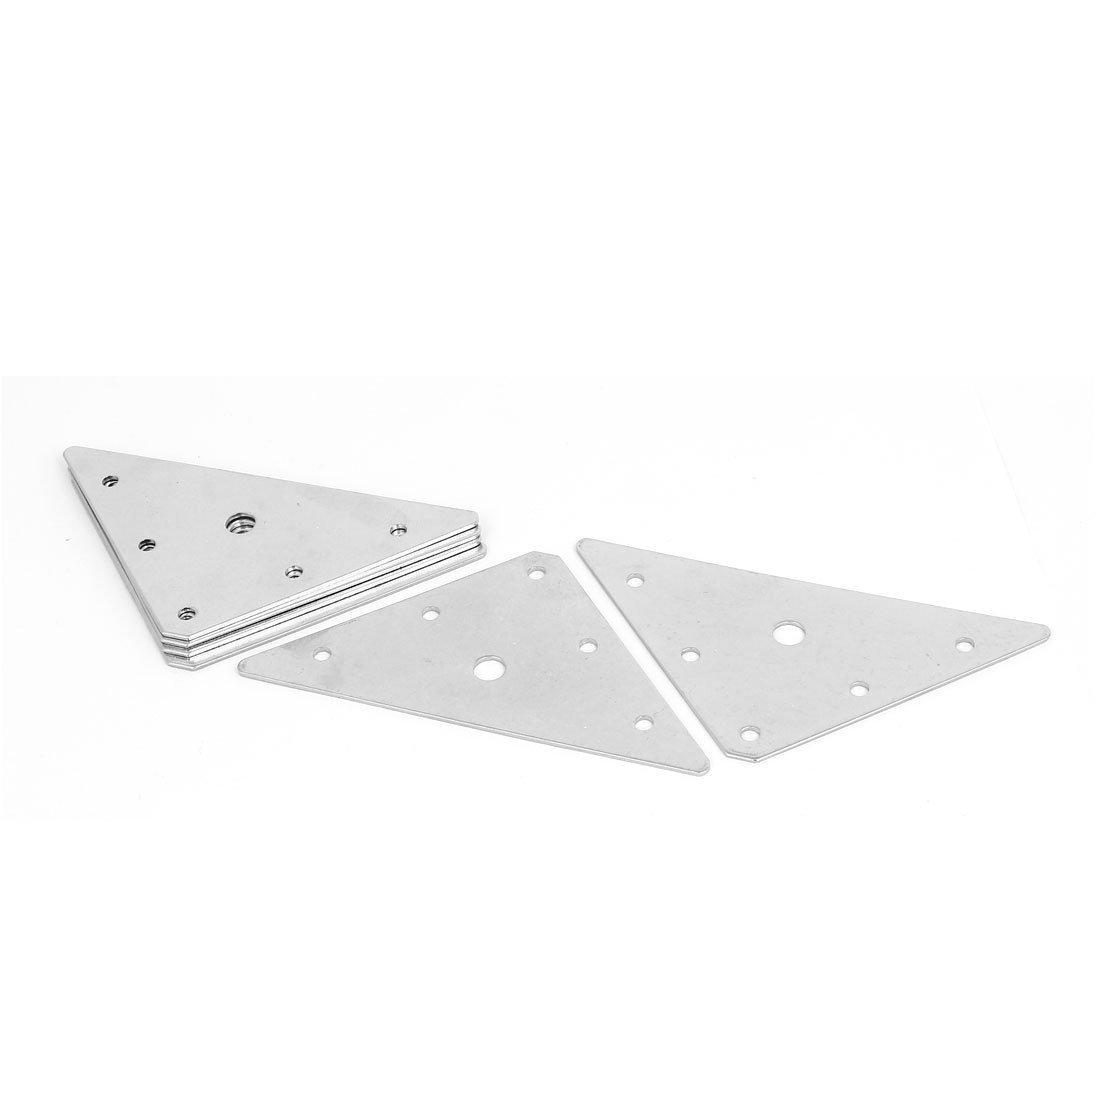 Triangle Plat r/éparation connecteur Rejoignant plaques Supports 80/mm x 80/mm 15/pcs